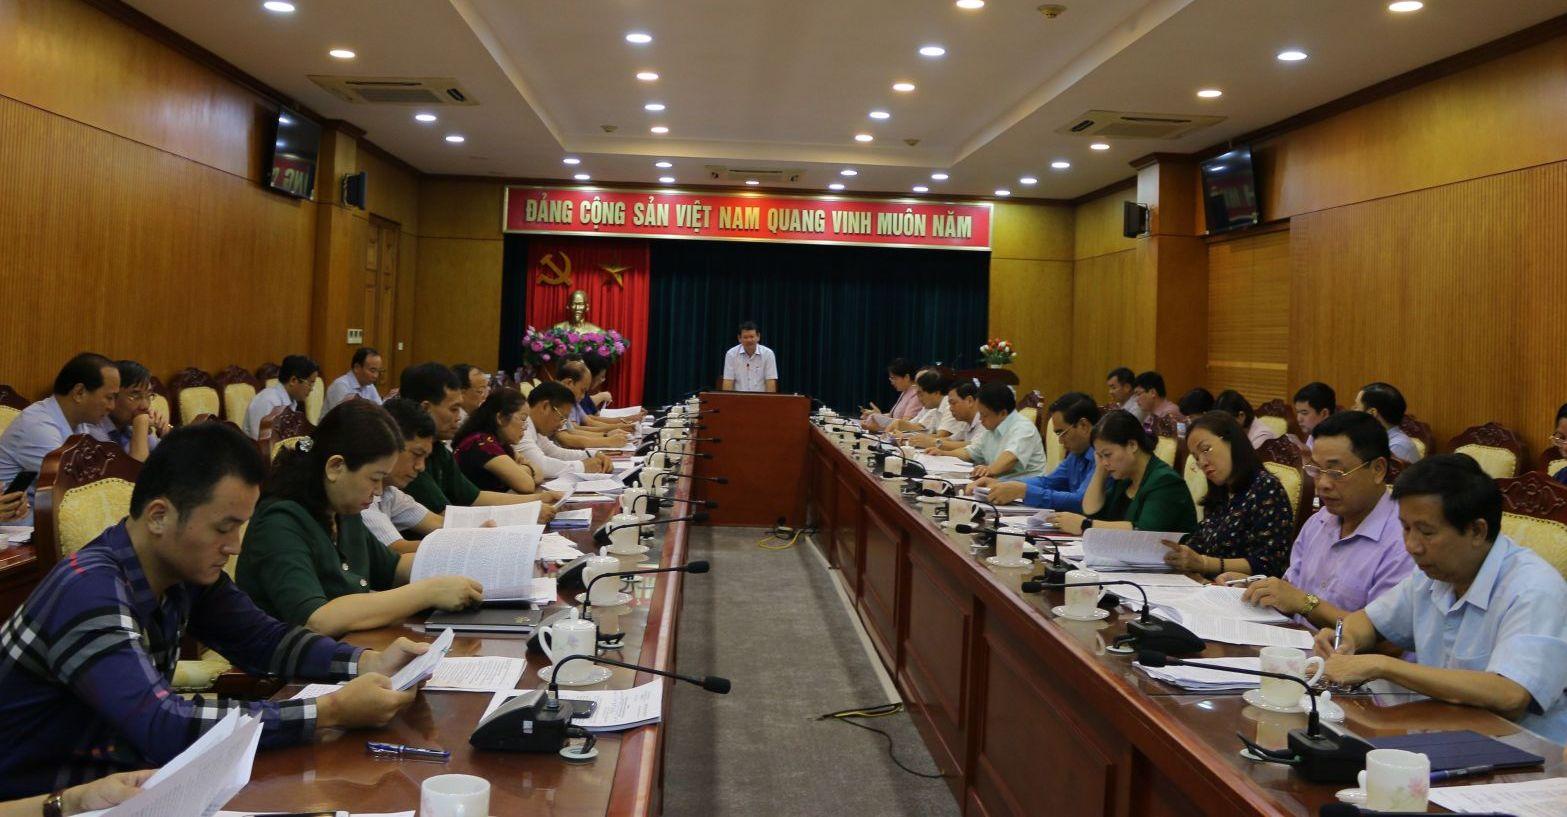 Tiểu ban Văn kiện Đại hội Đảng bộ tỉnh Lào Cai lần thứ XVI: Cho ý kiến vào dự thảo Báo cáo chính trị